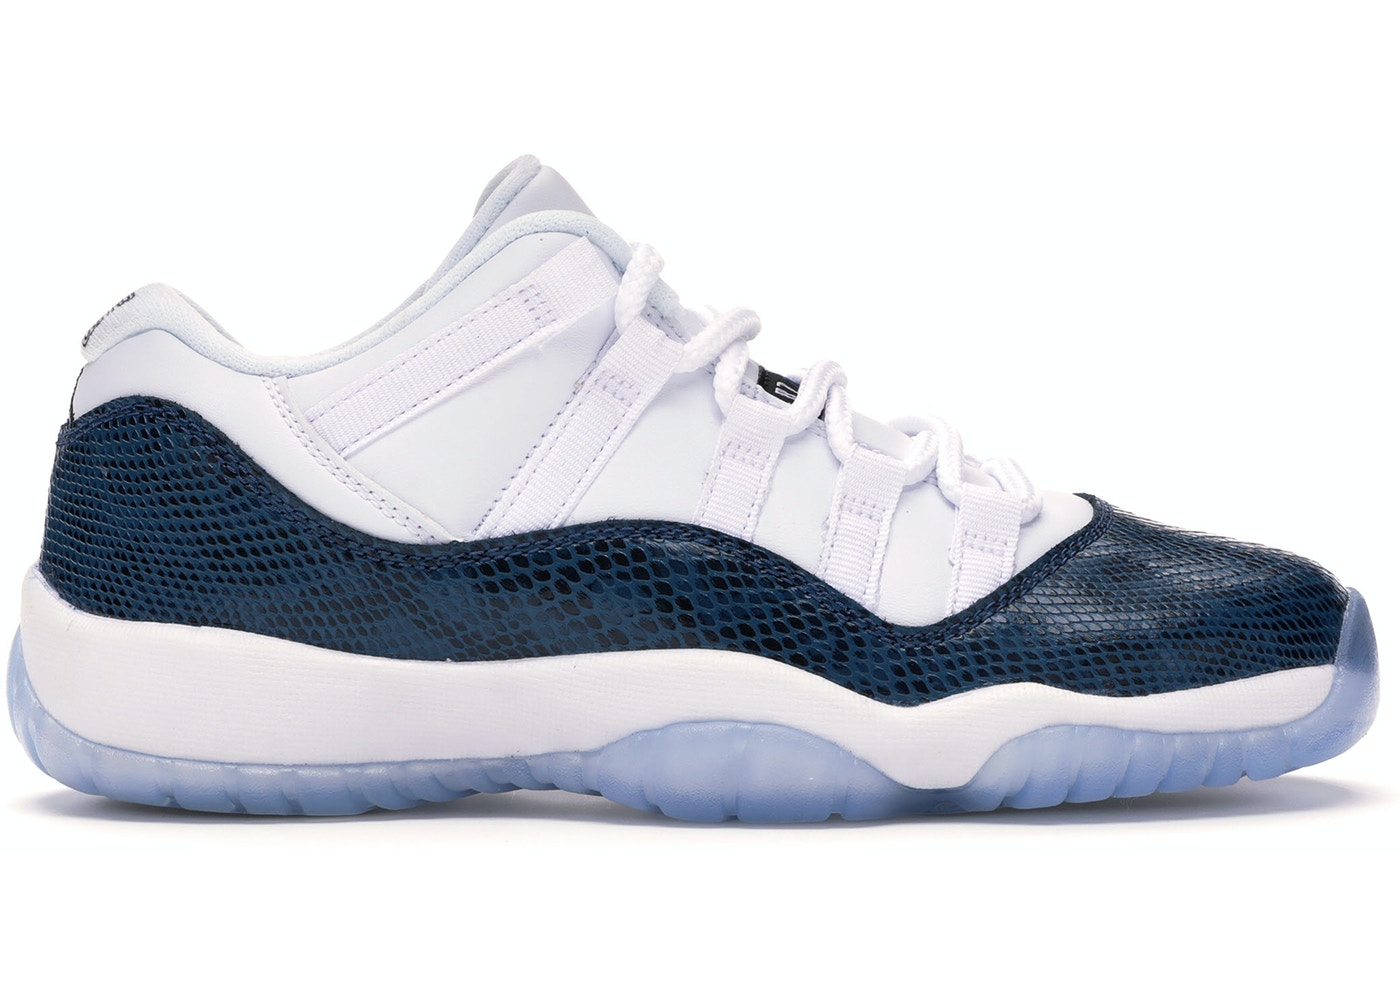 100% authentic e6b5d 3131d Buy Air Jordan 11 Shoes   Deadstock Sneakers